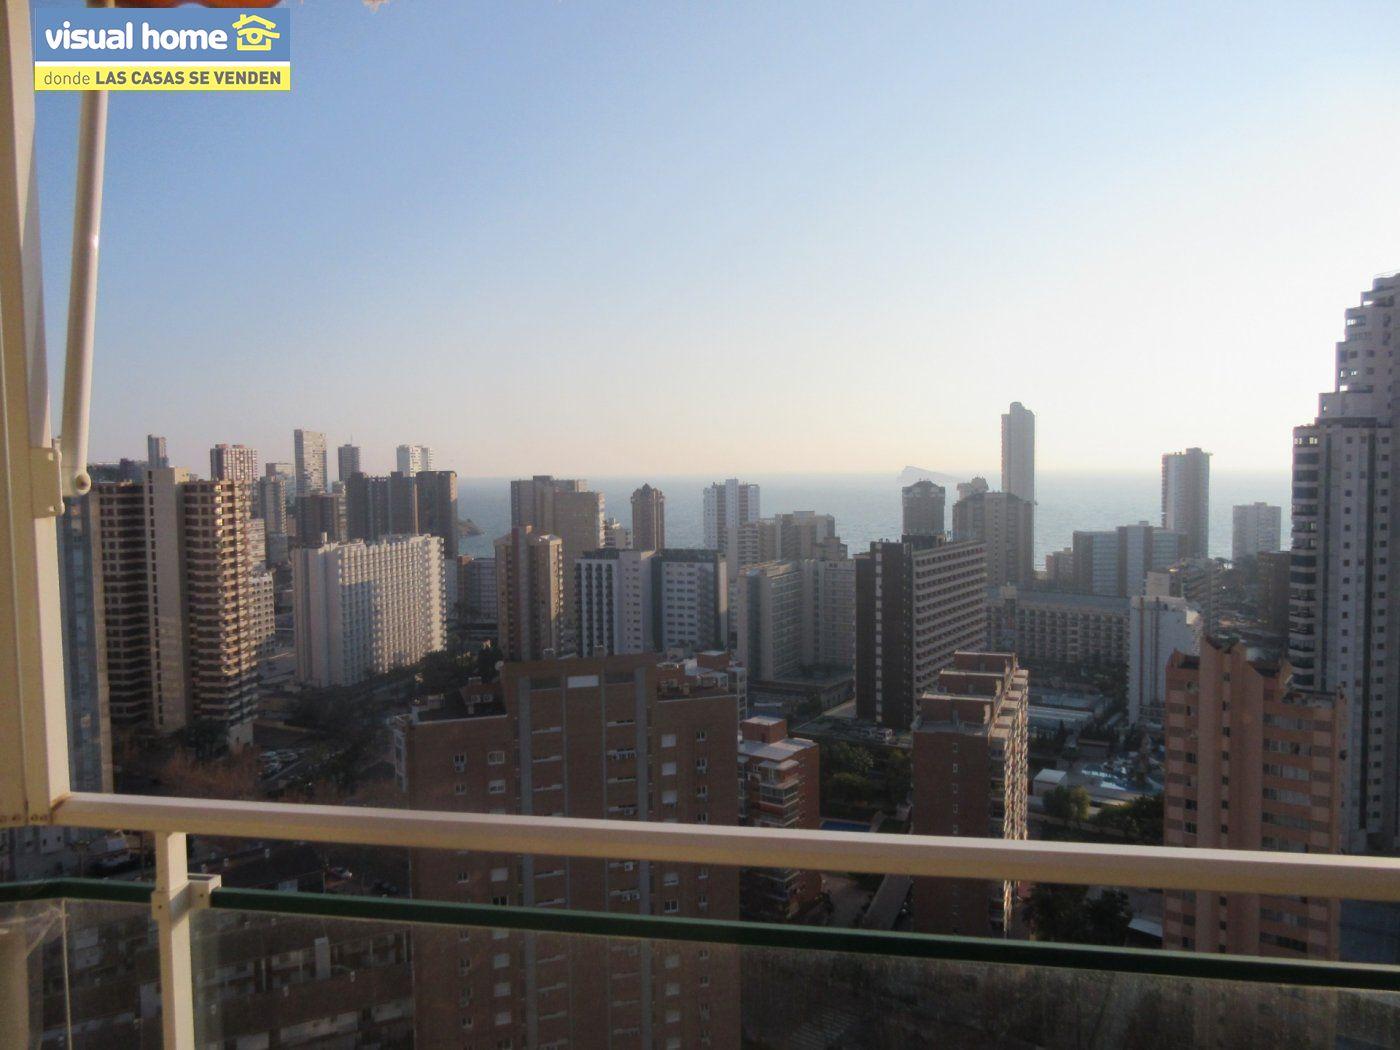 Apartamento 1 dormitorio con vistas espectaculares con parking y piscina en Rincón de Loix llano 14